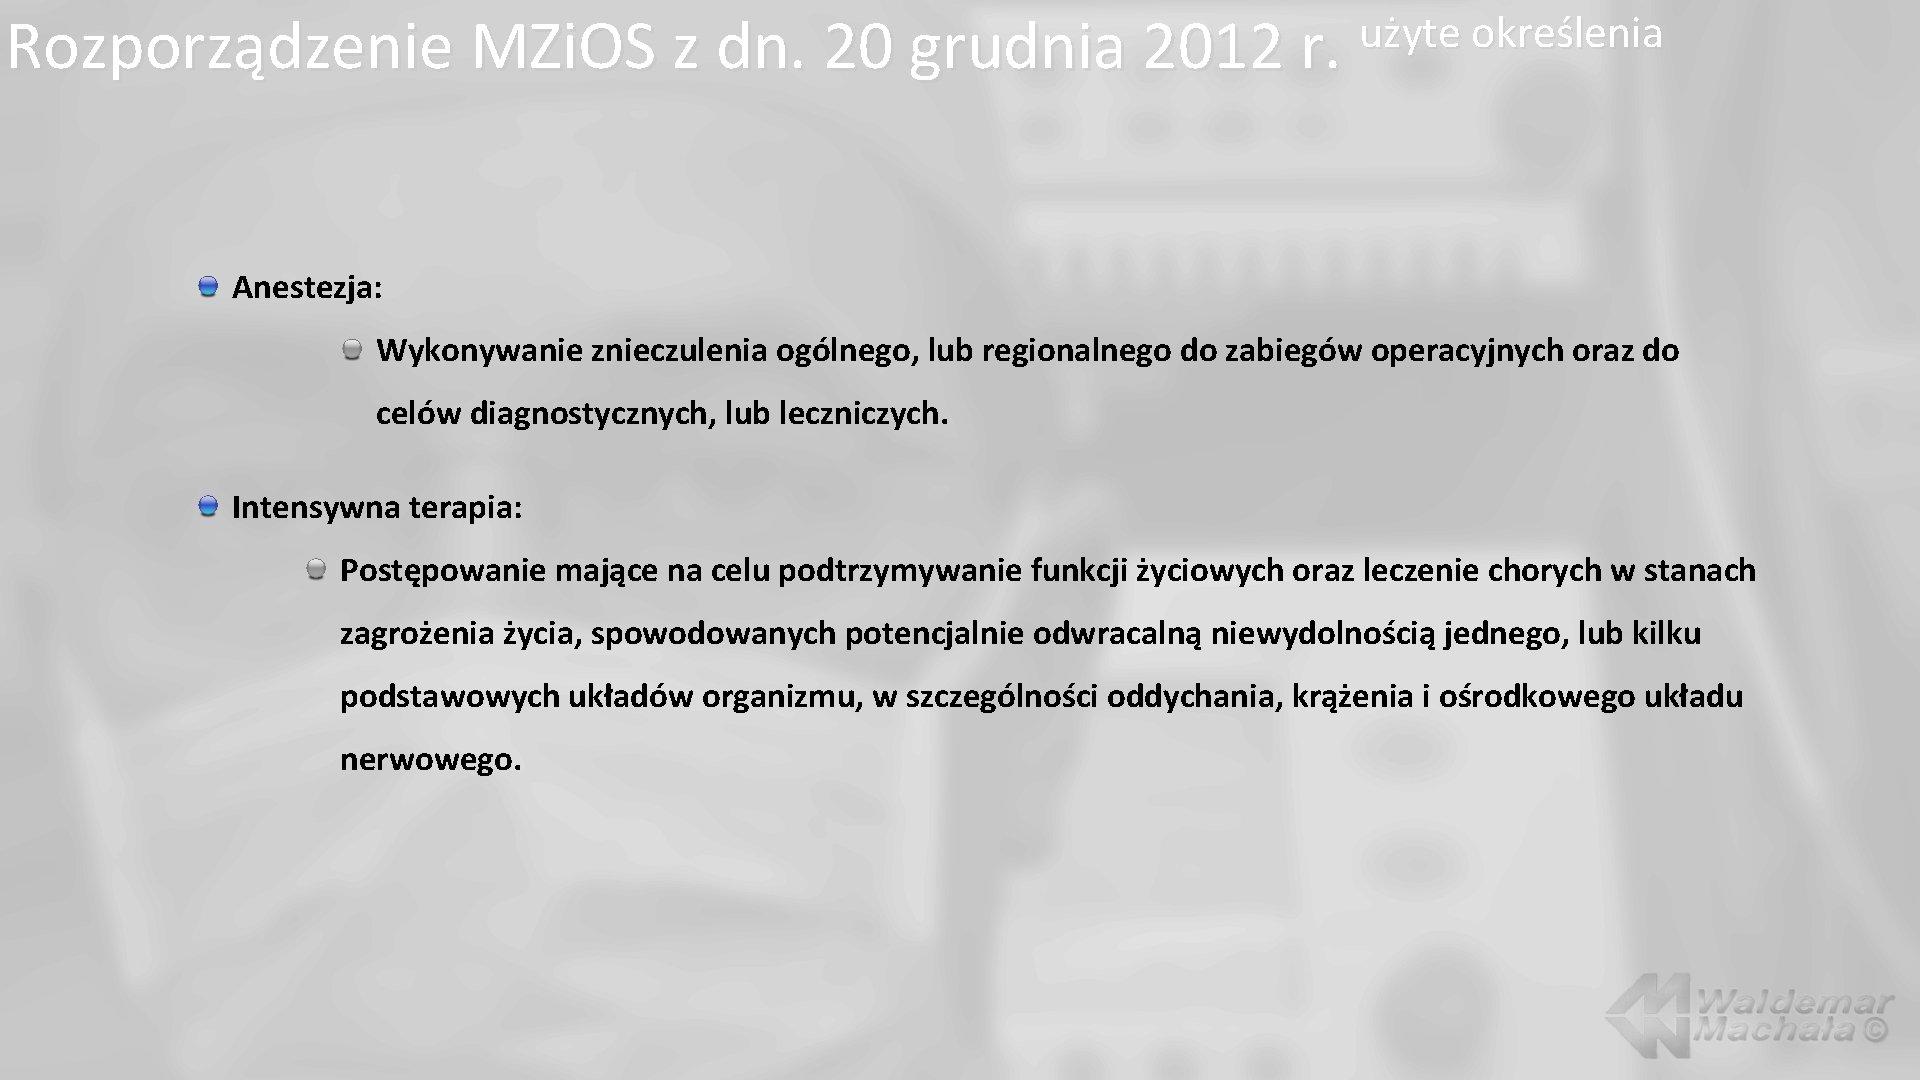 Rozporządzenie MZi. OS z dn. 20 grudnia 2012 r. użyte określenia Anestezja: Wykonywanie znieczulenia